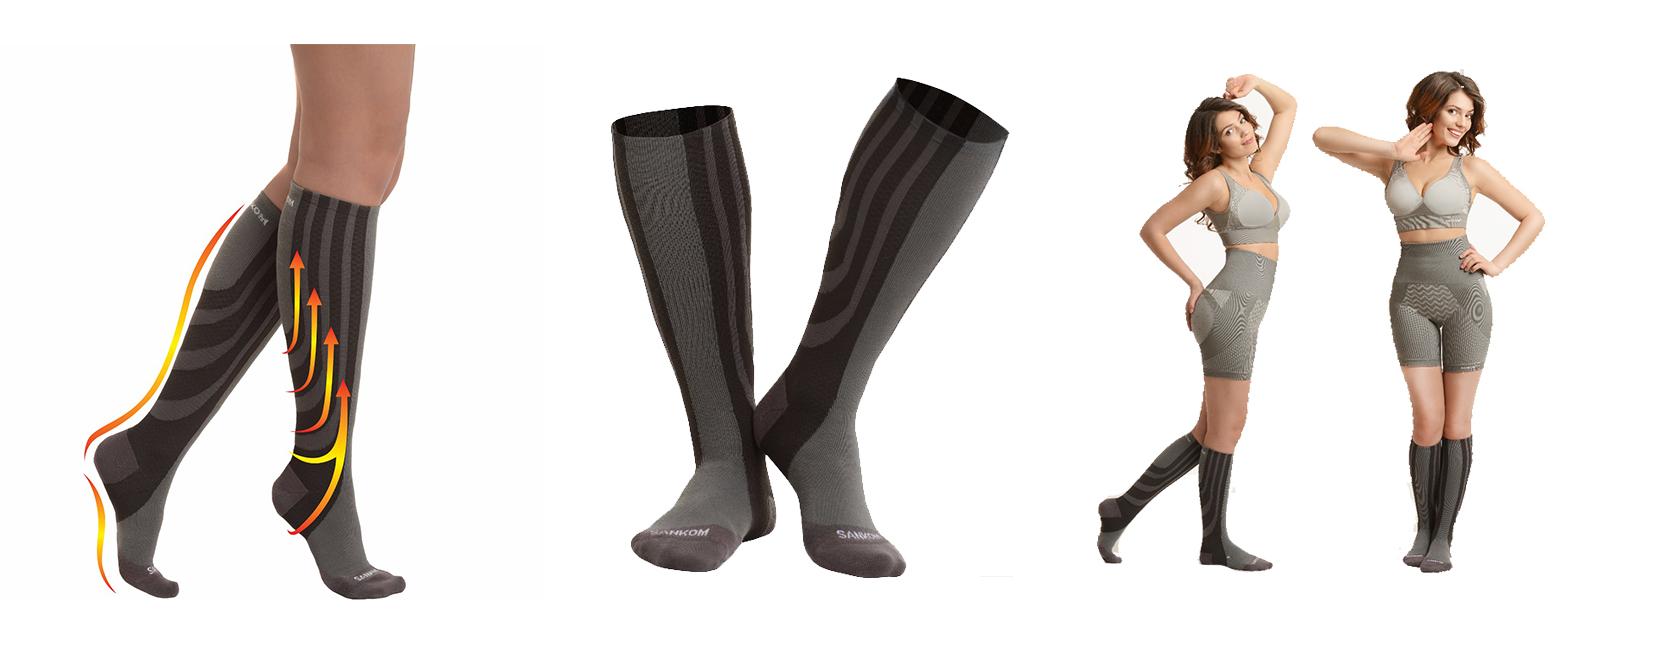 Sosete termice pentru remodelarea picioarelor